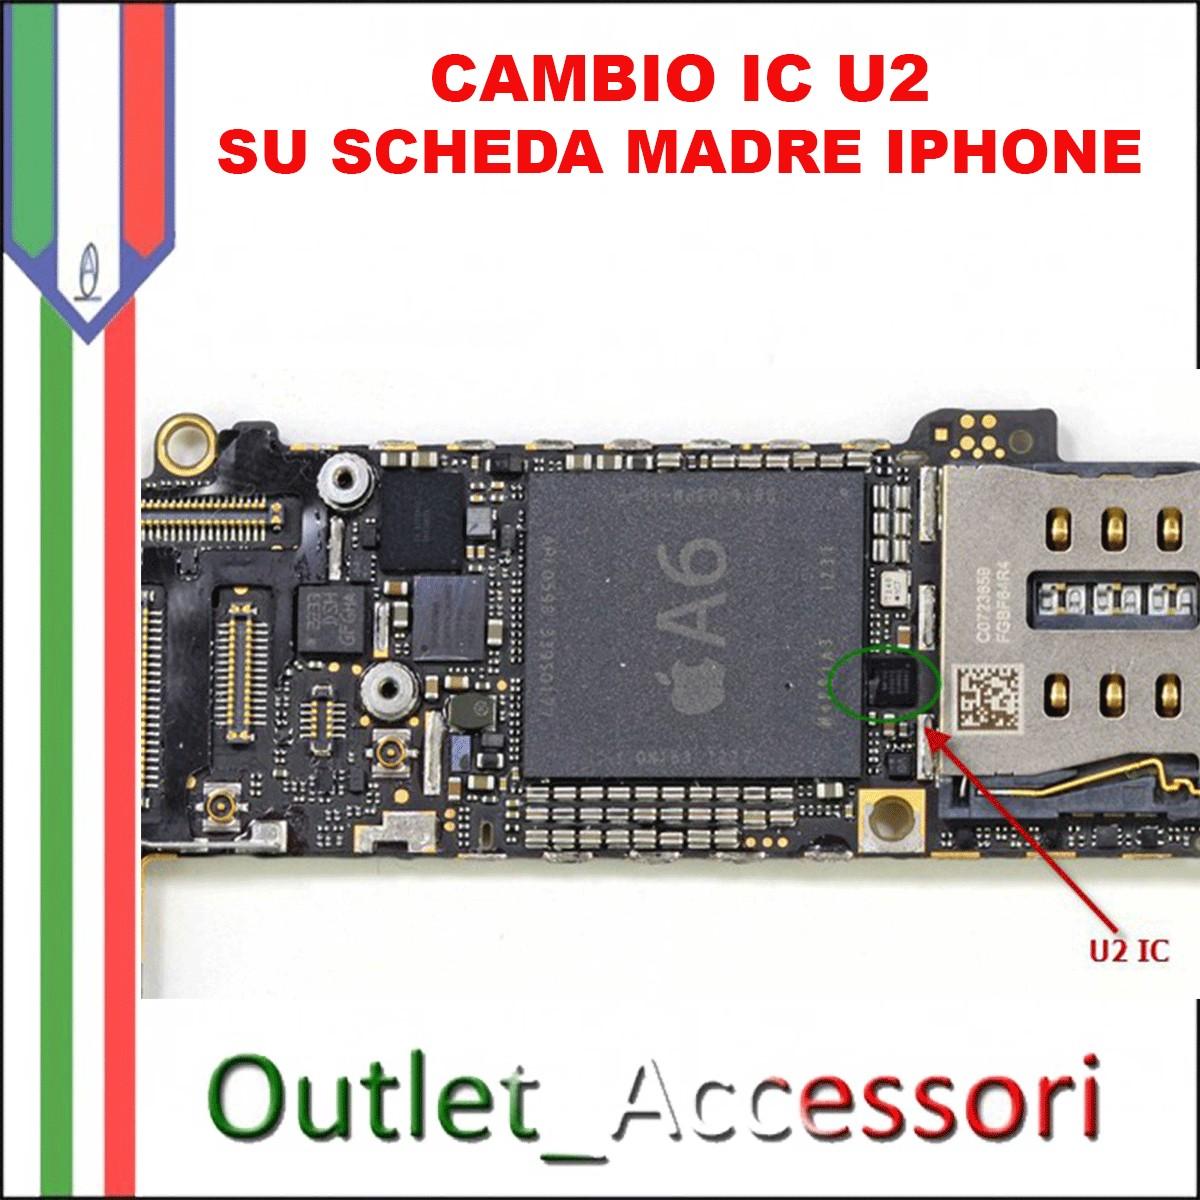 Schemi Elettrici Iphone : Cambio connettore ic carica u a scheda madre iphone